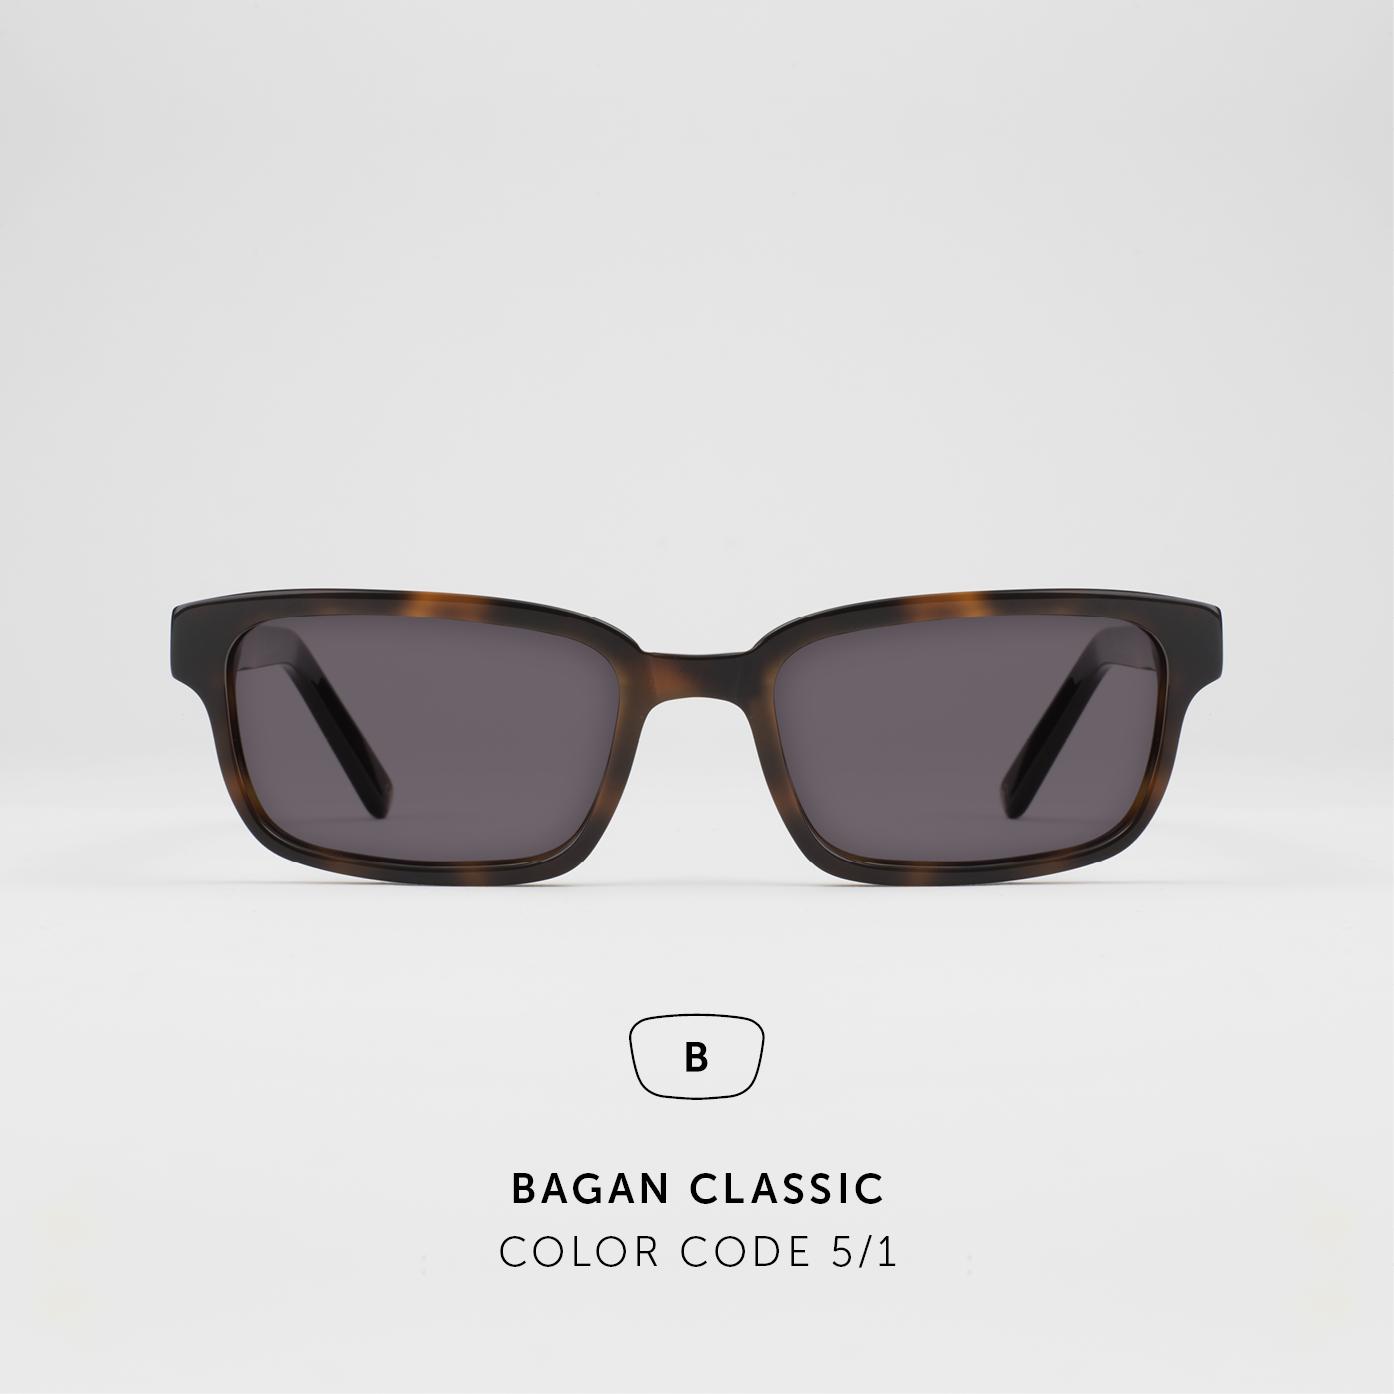 BaganClassic18.jpg